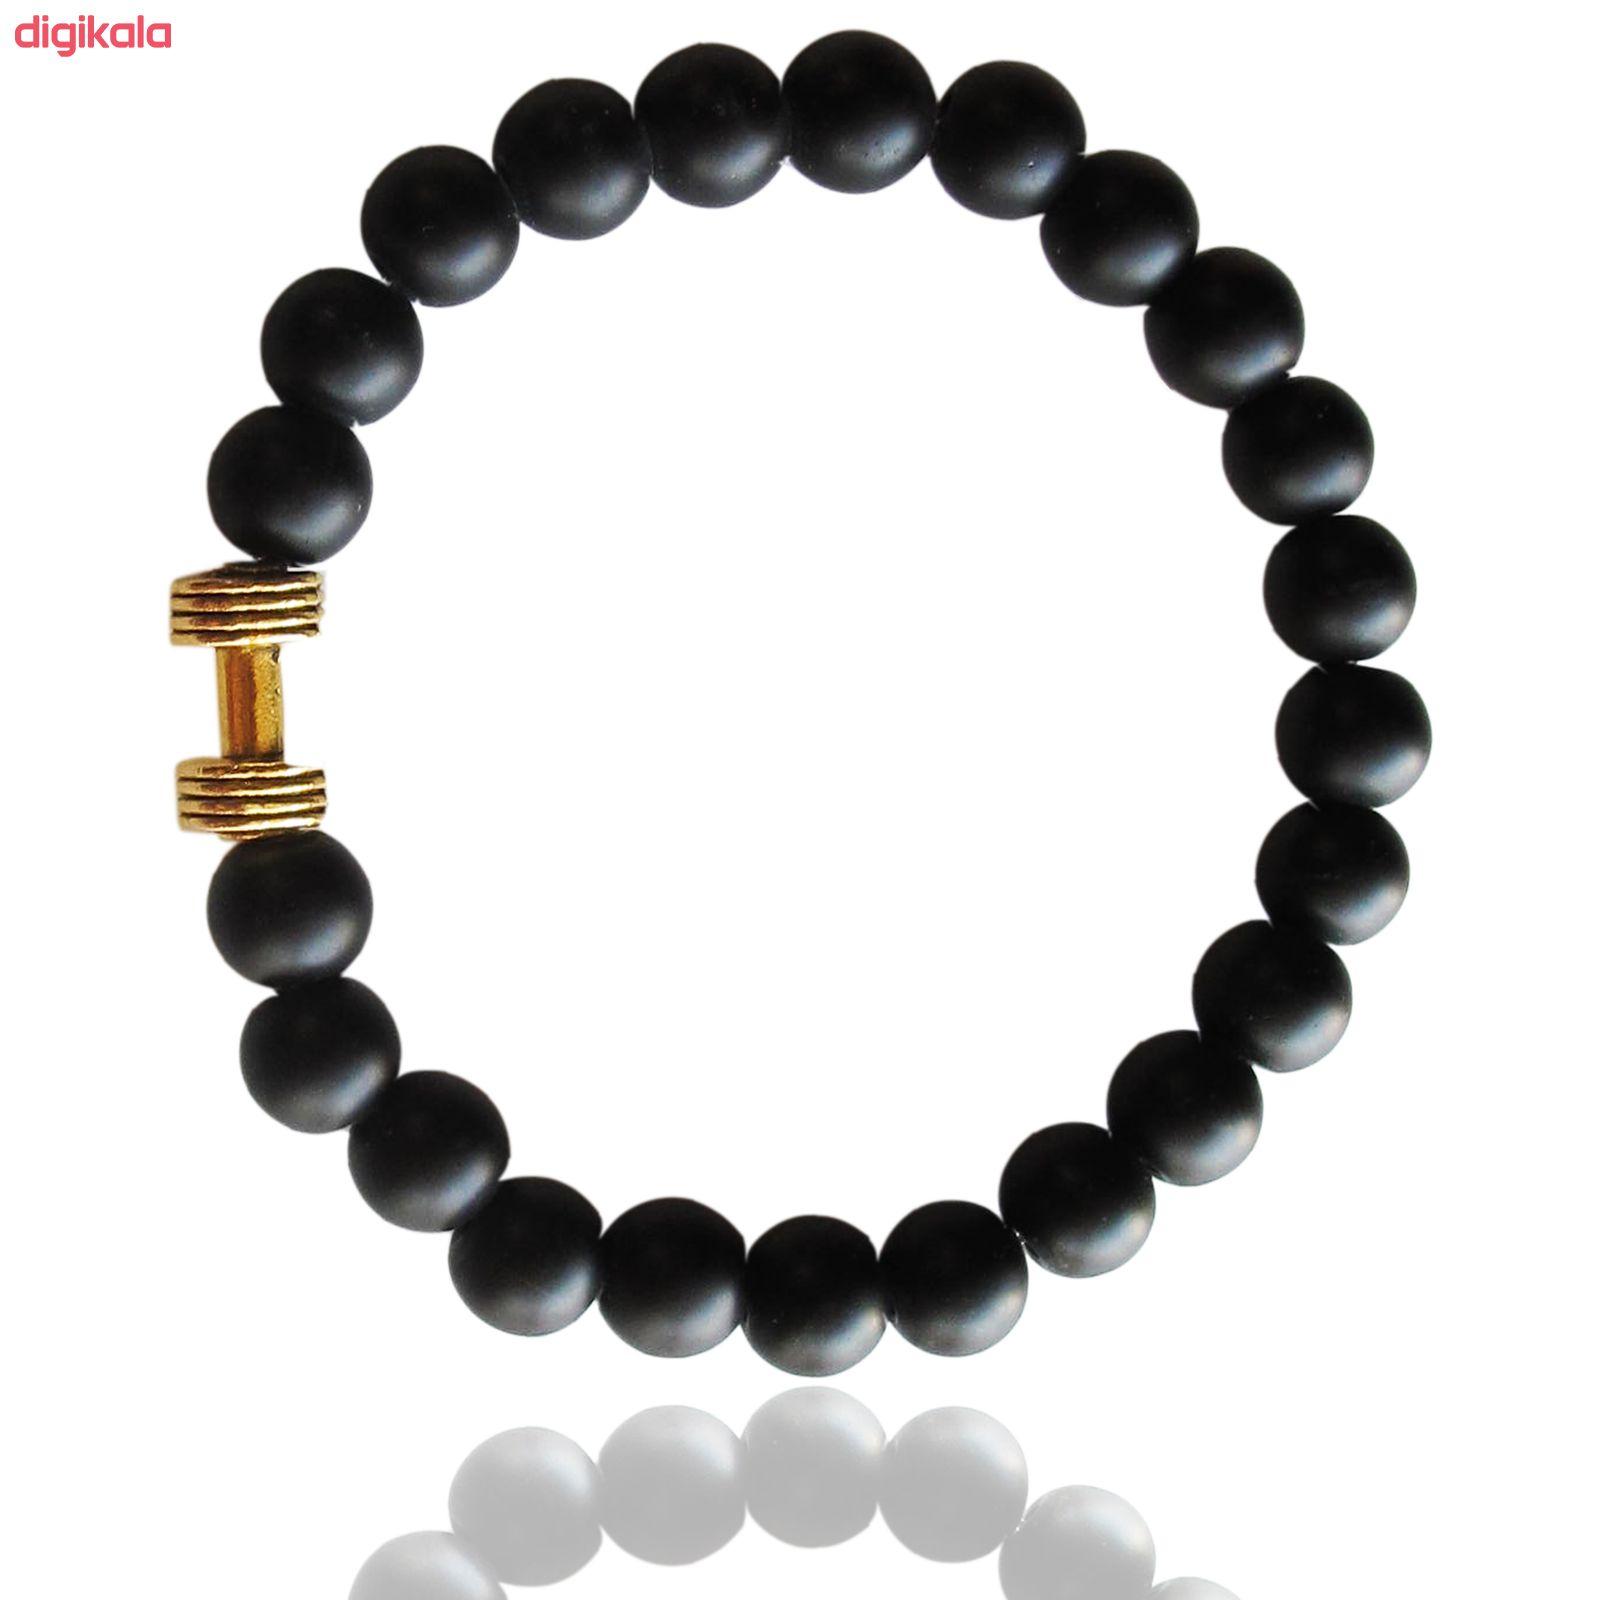 دستبند مردانه مدل 101 main 1 2